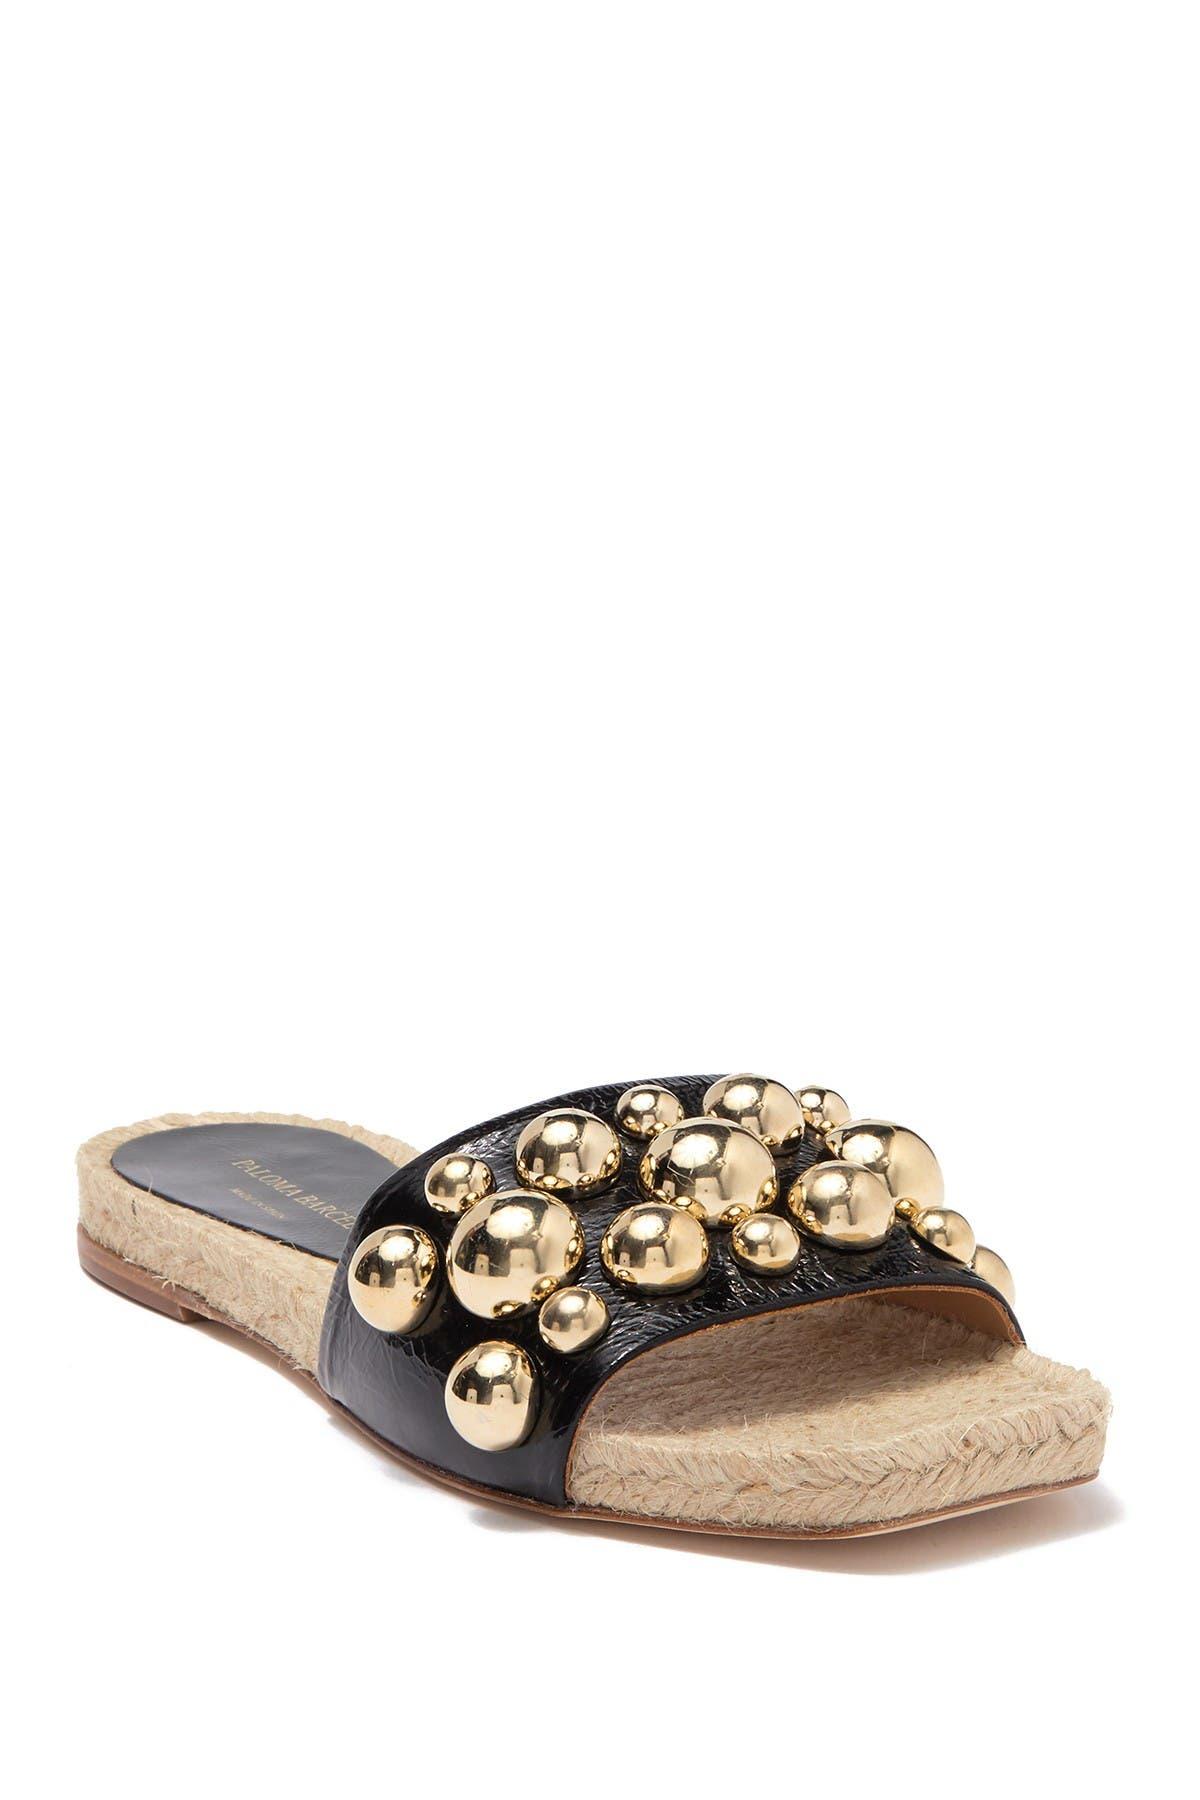 Image of Paloma Barcelo Uwanda Studded Leather Espadrille Slide Sandal